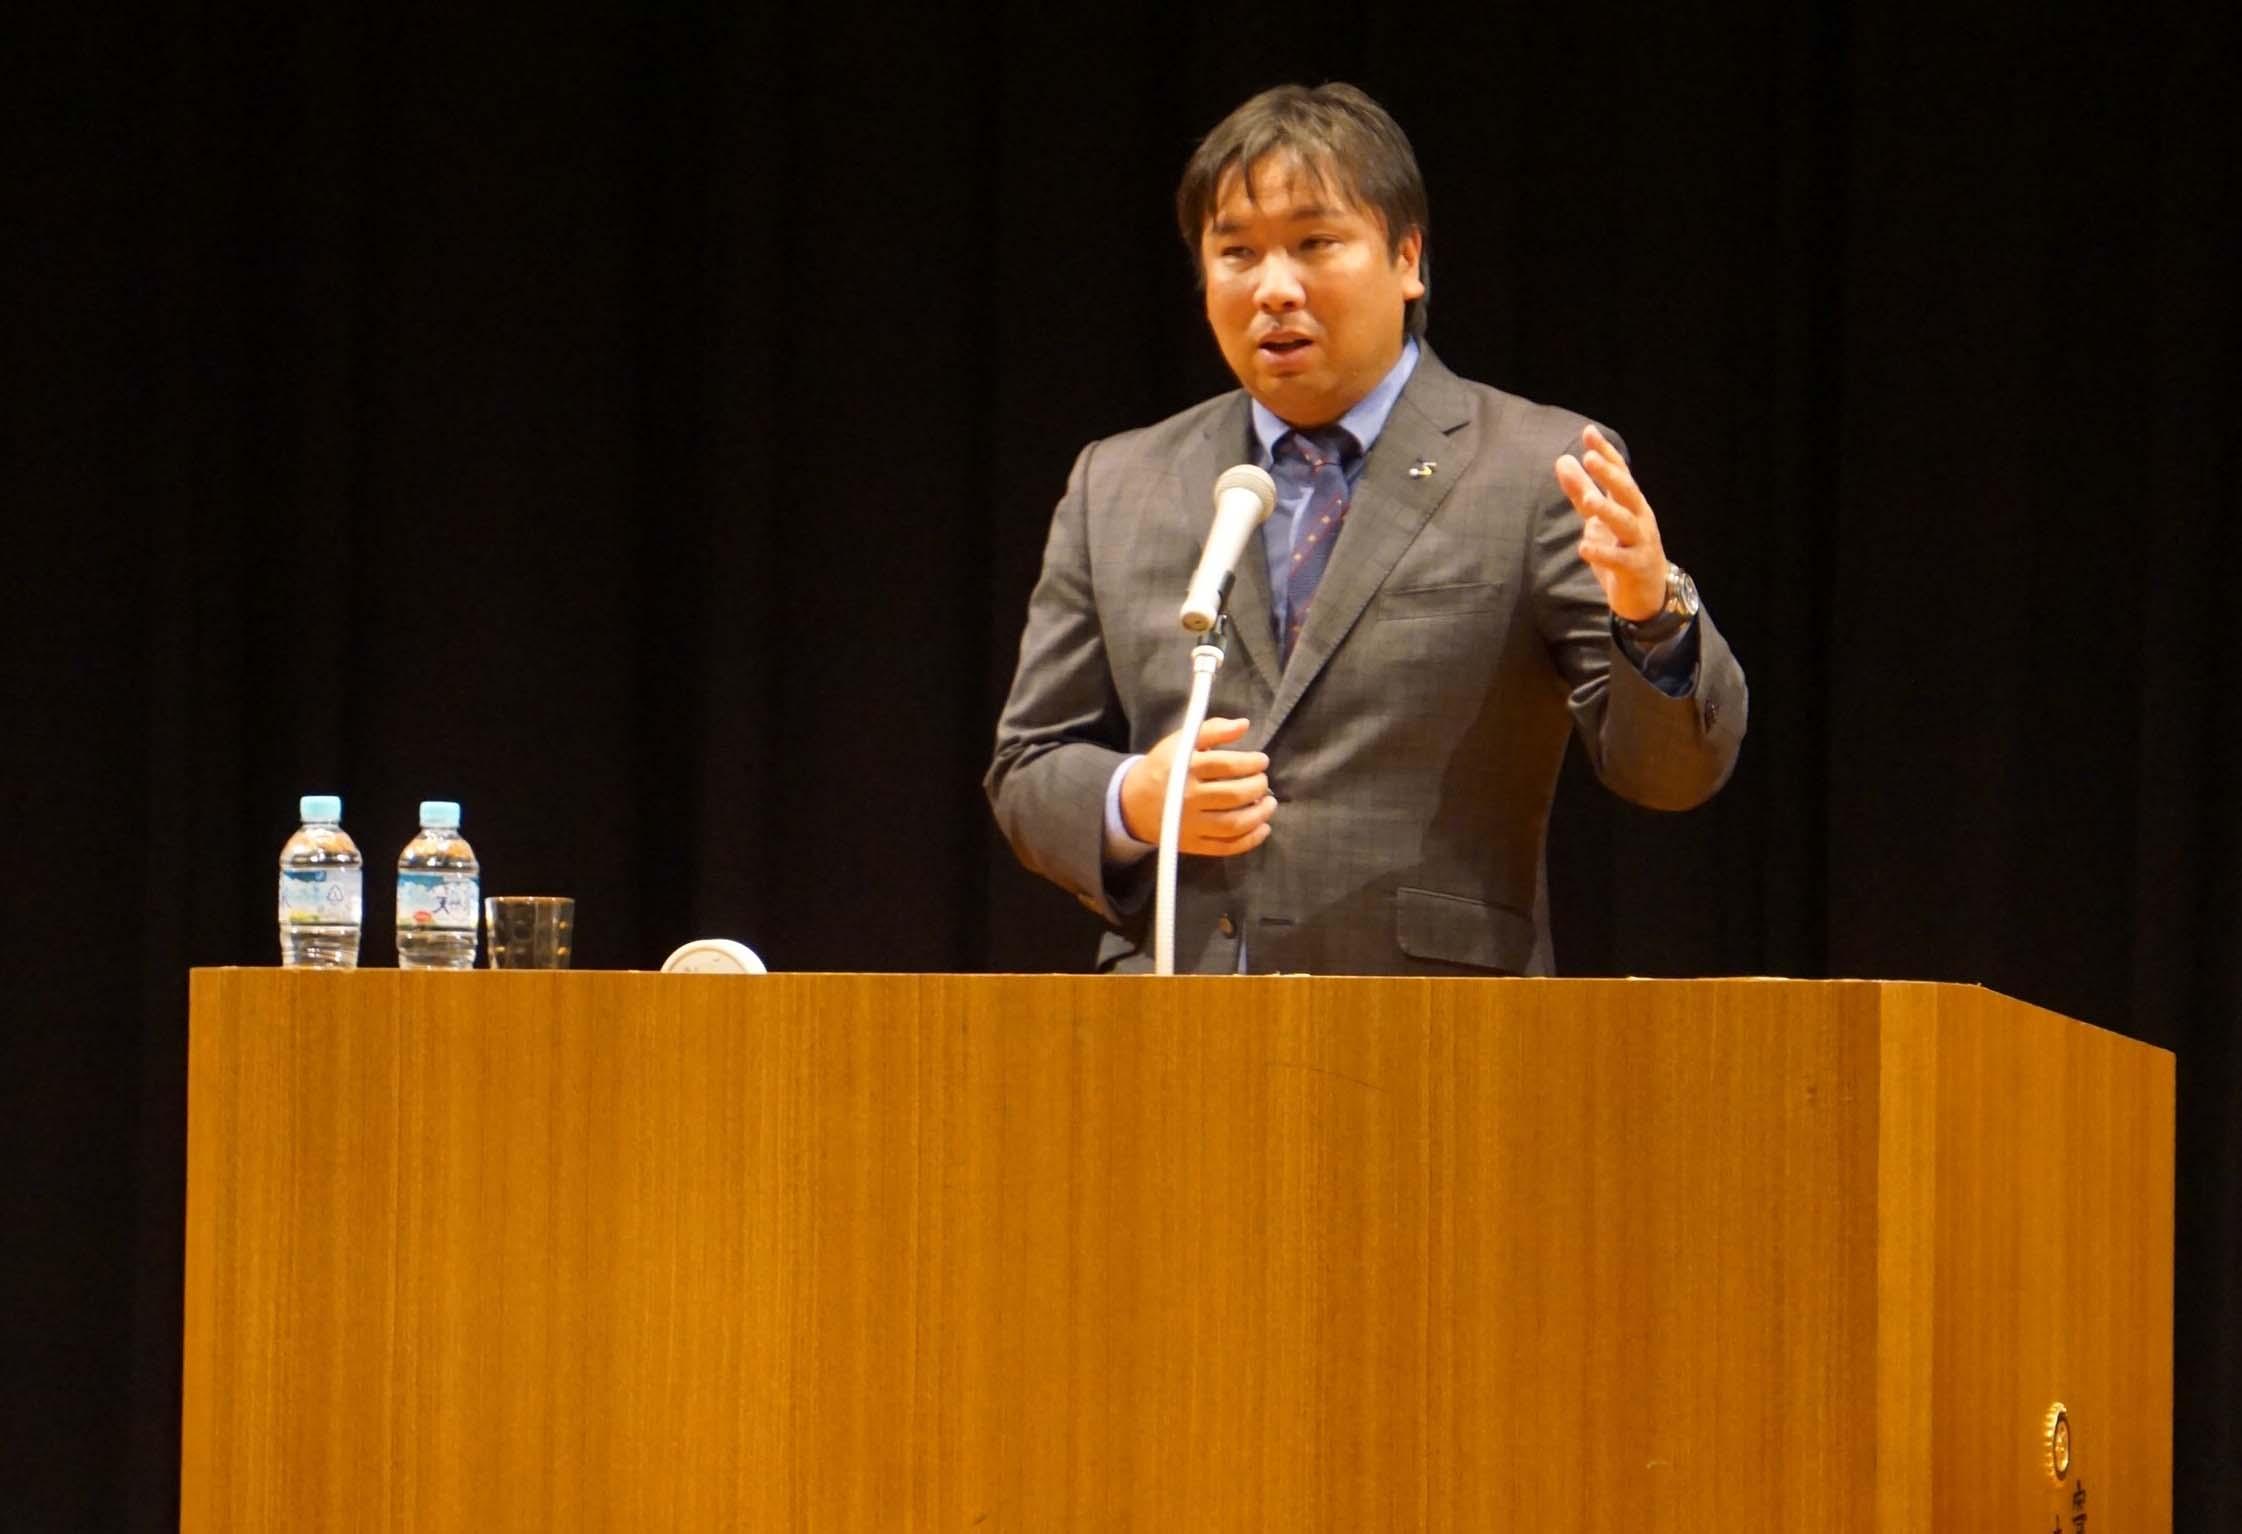 千葉県内で里崎智也氏が講演会